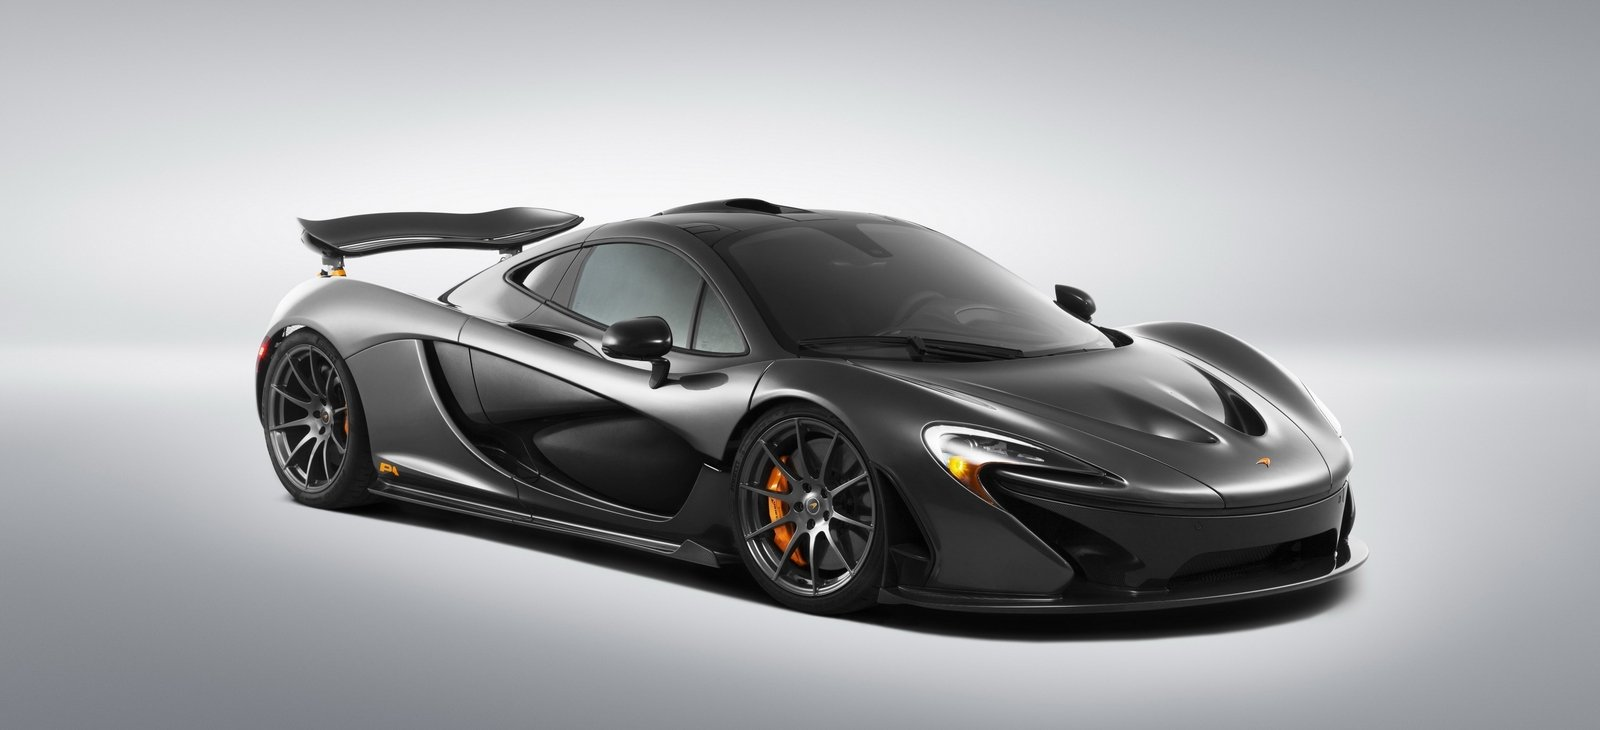 McLaren P1 2013 - 2015 Coupe #5